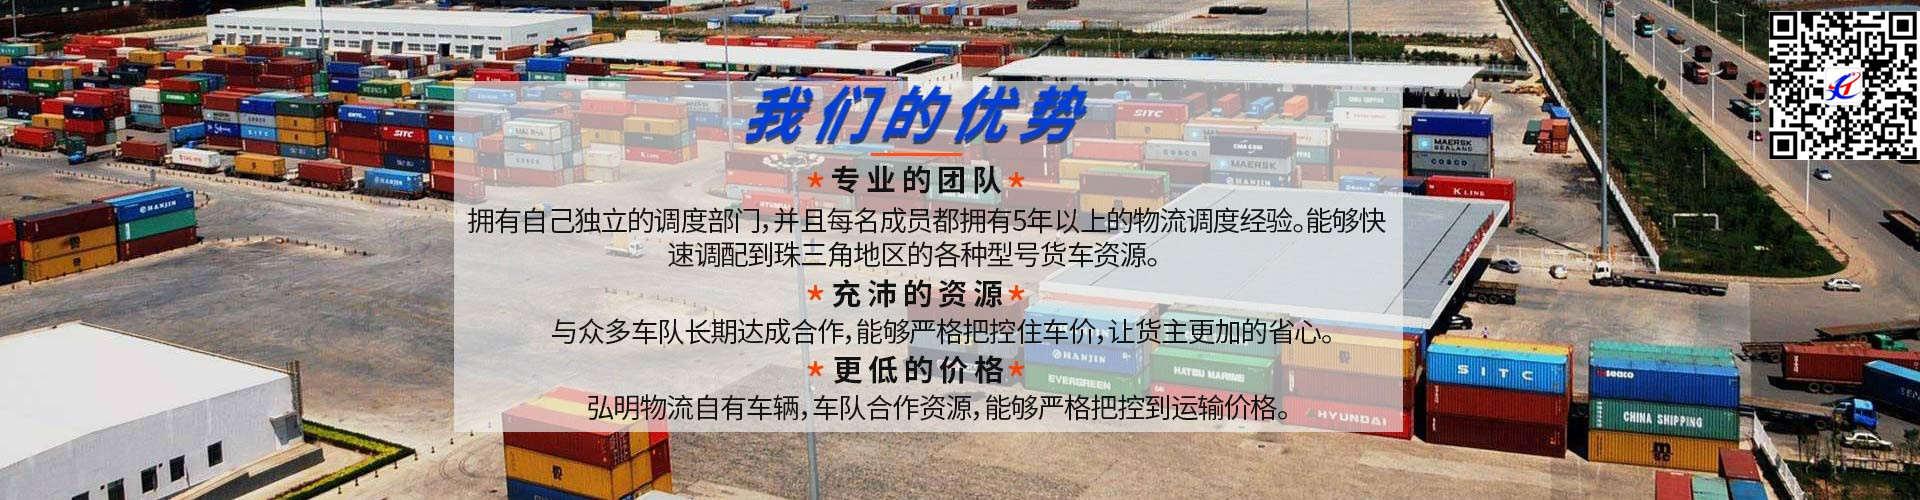 成都市新都区到余杭4.2米-17.5米货车出租零担不接